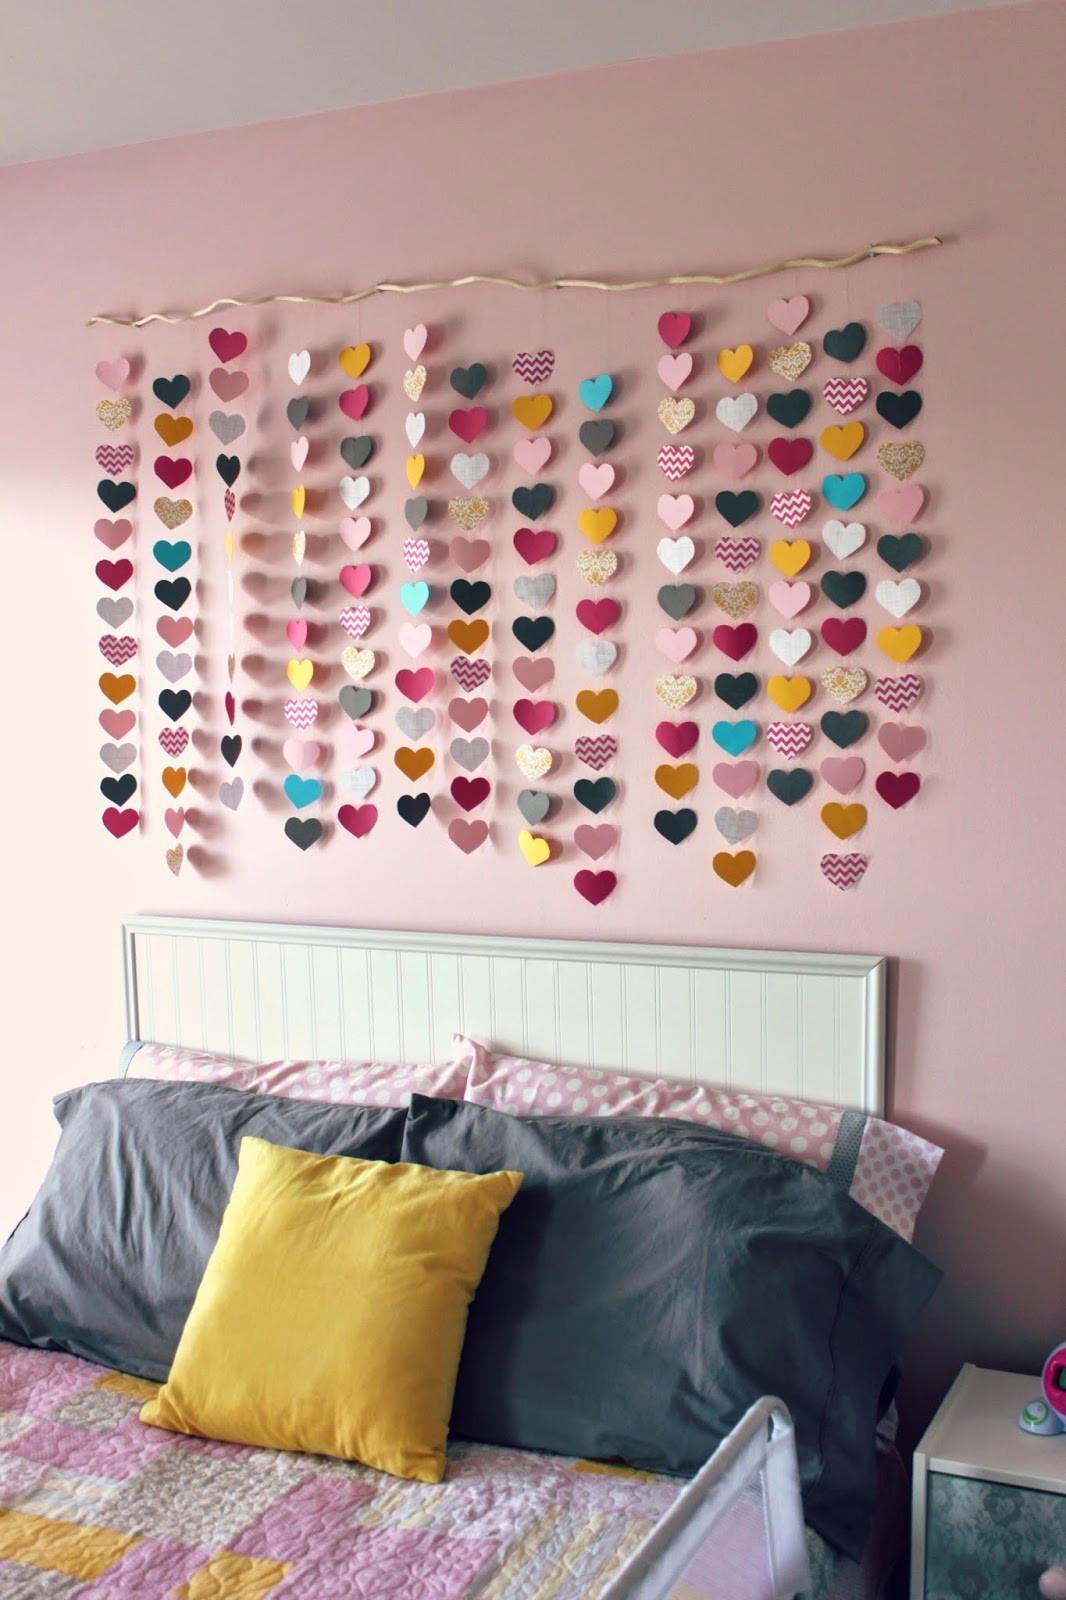 Room Diy  all things DIY room reveal girl s bedroom on a bud